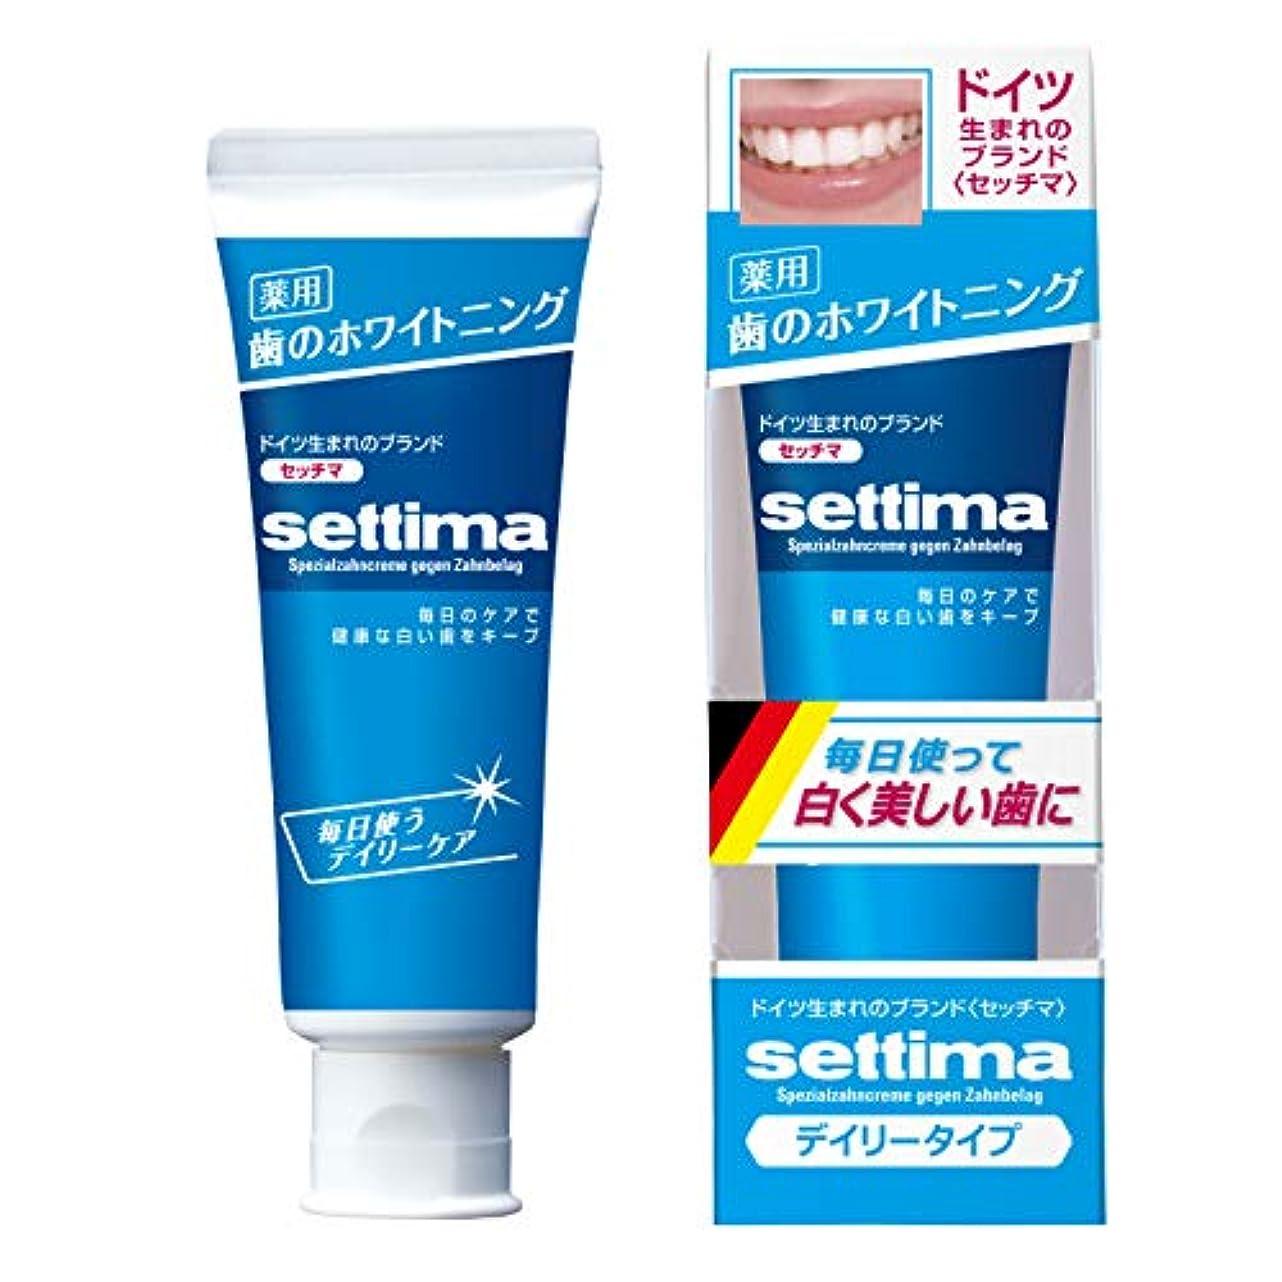 参照コンセンサス奇跡的な[医薬部外品] settima(セッチマ) ホワイトニング 歯みがき デイリーケア [ファインミントタイプ] <ステインケア タバコのヤニ取り フッ素配合 虫歯予防> 80g